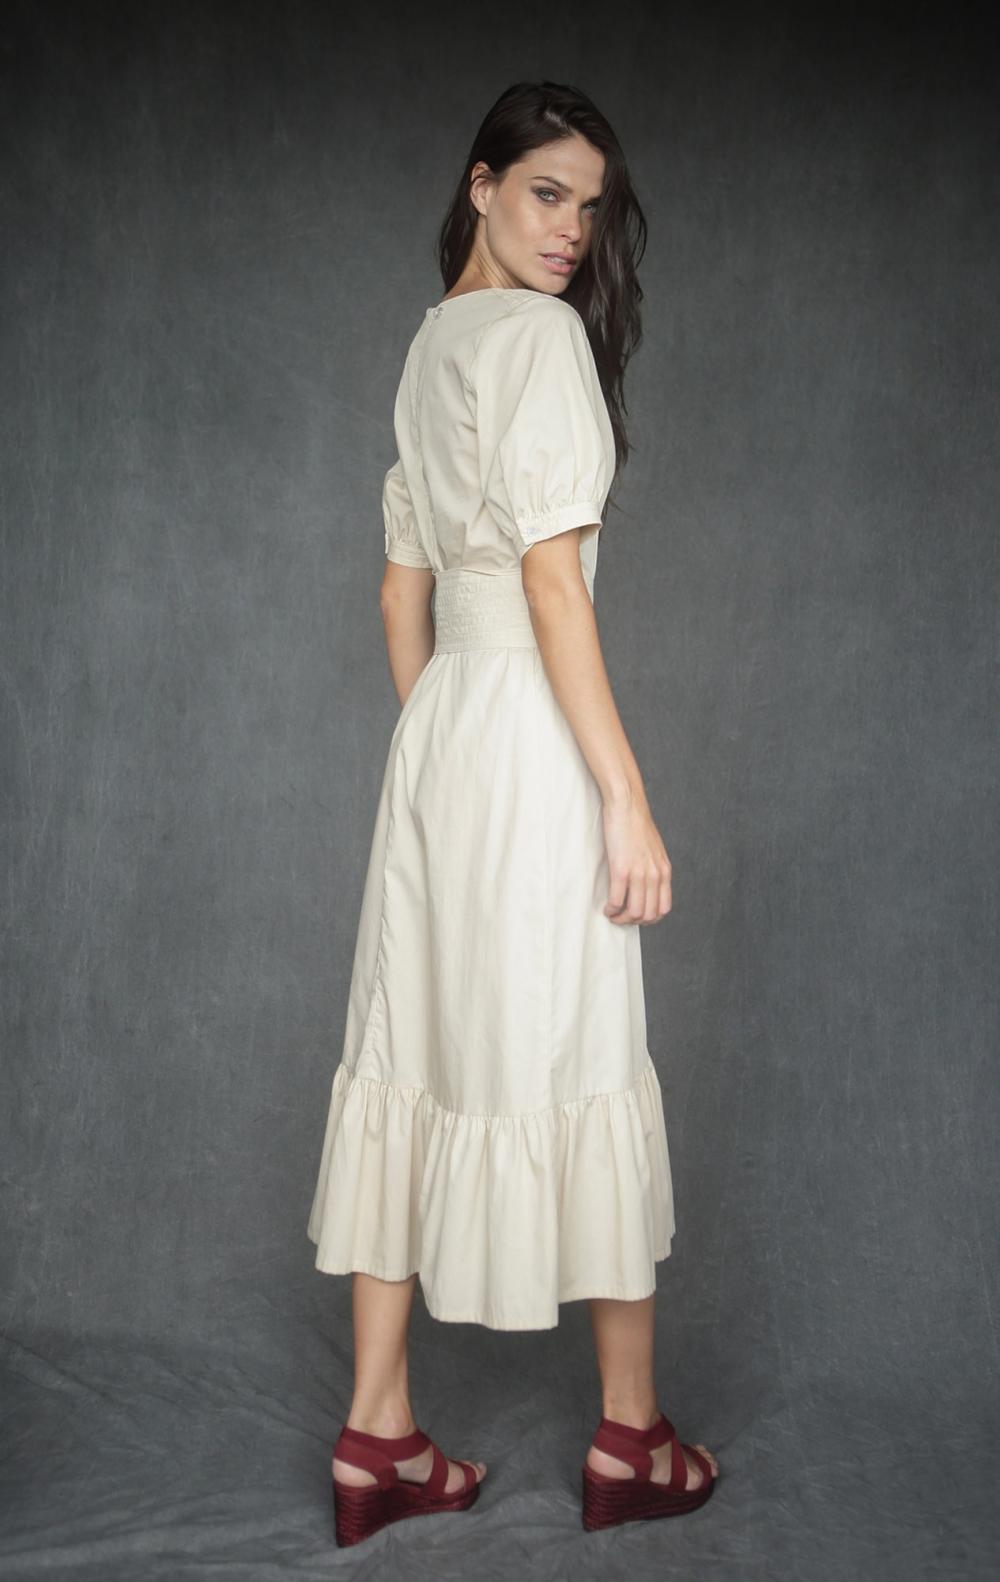 Vestido Leila Bege  - Foto 3